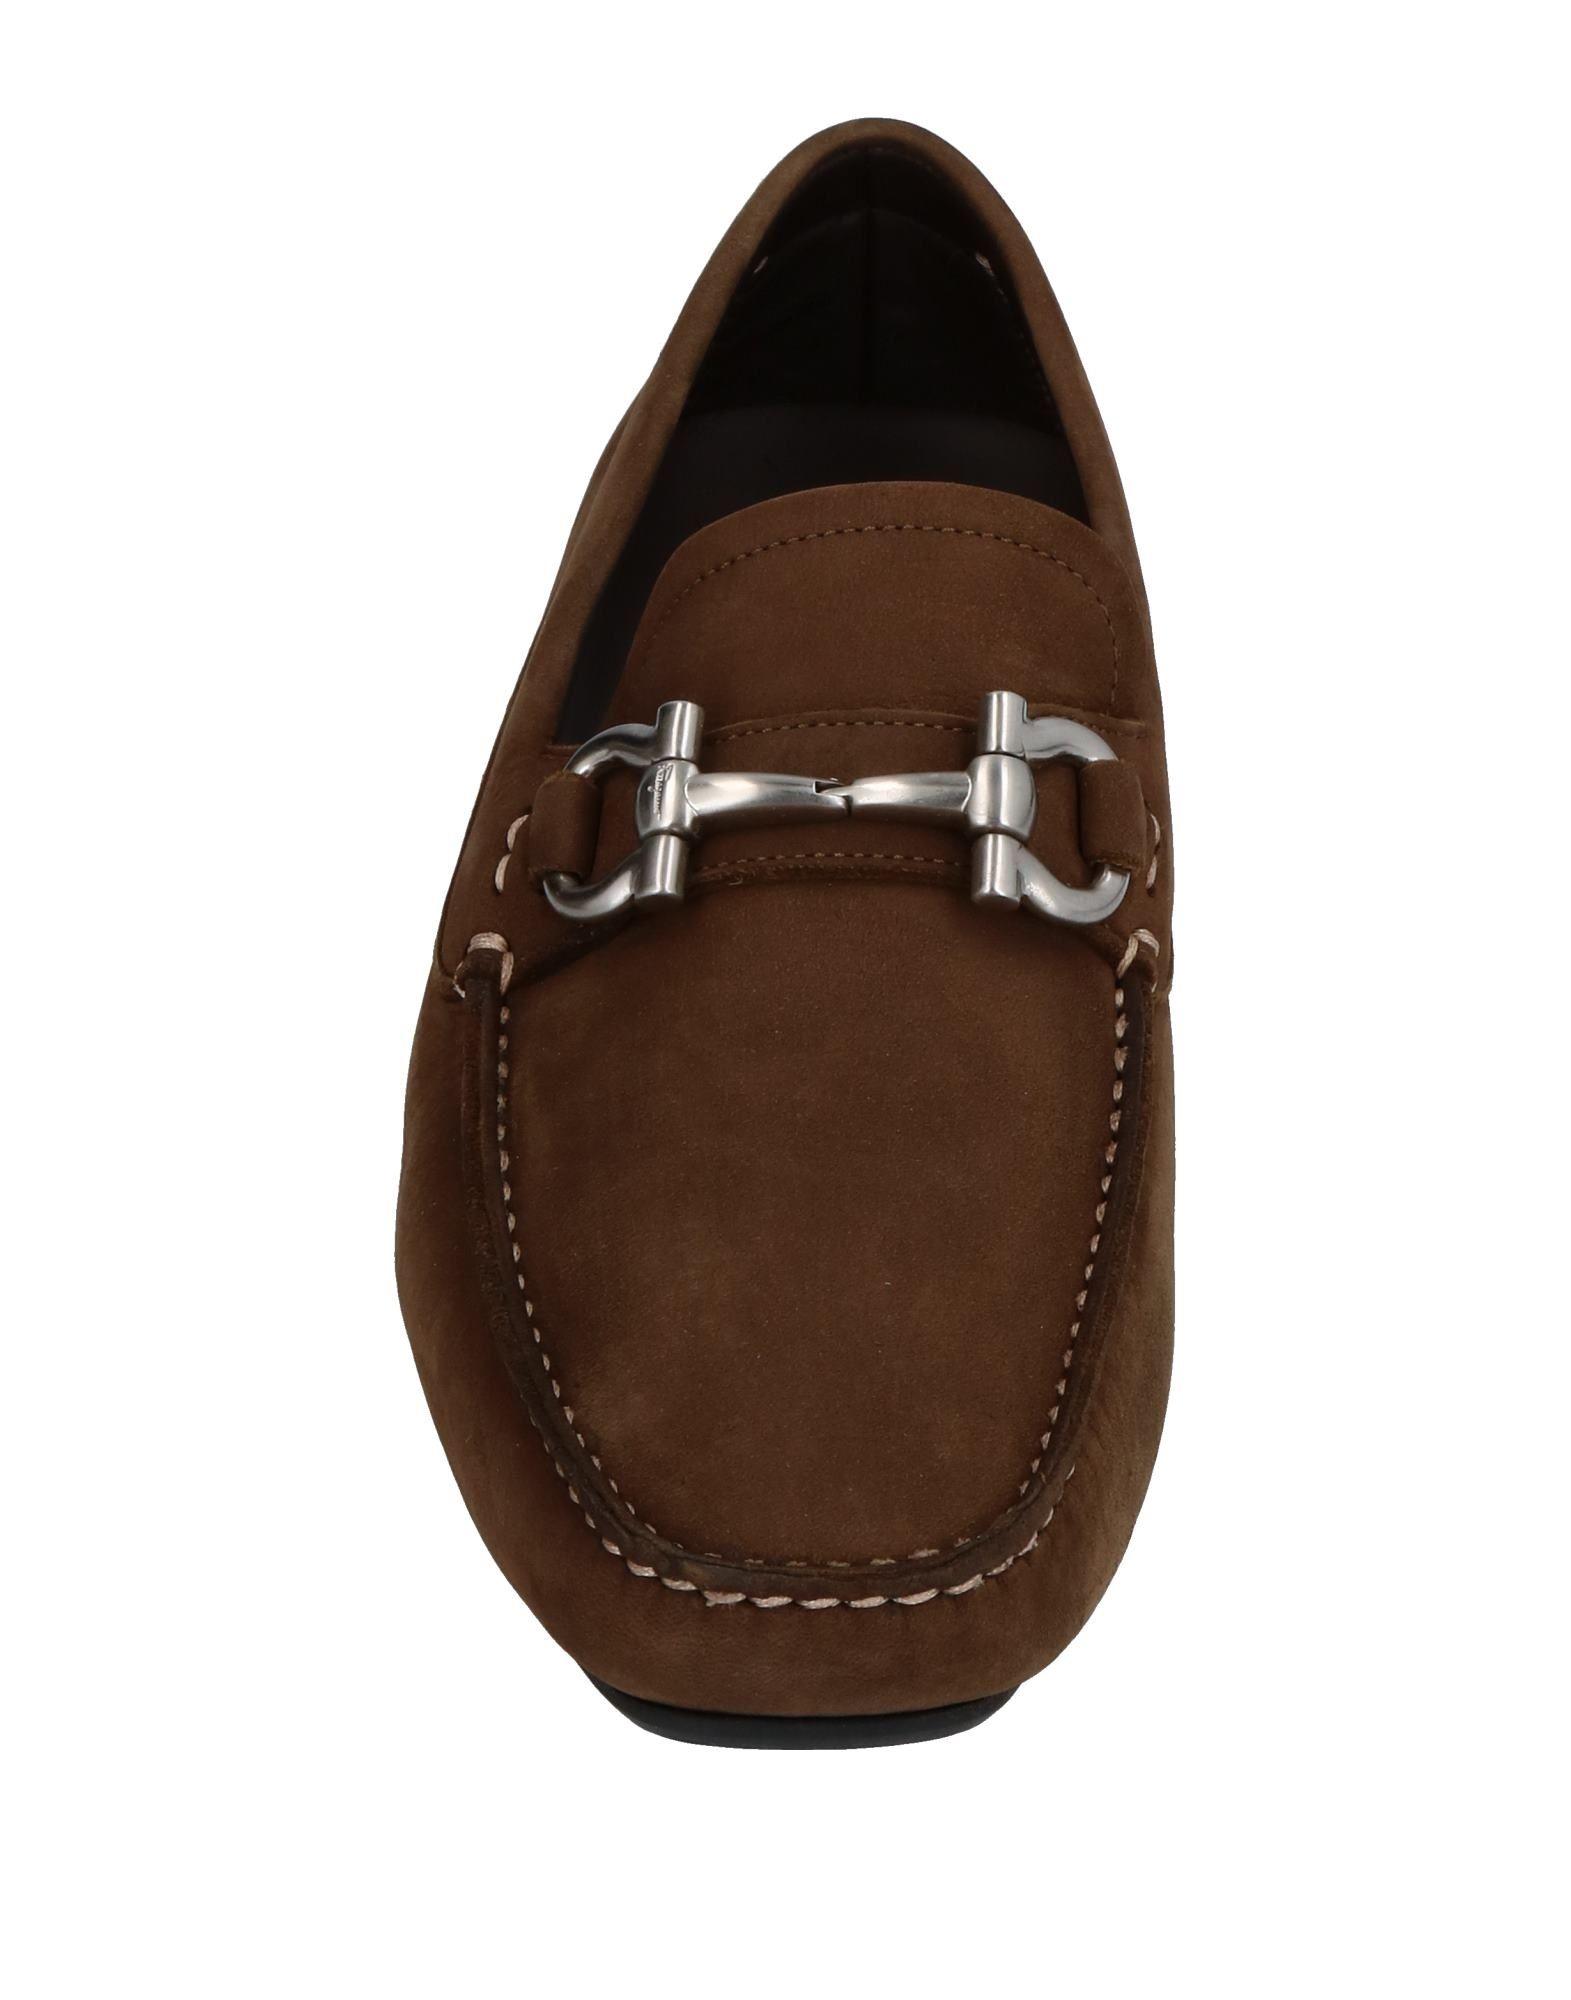 Salvatore Ferragamo Mokassins Herren  11373993SO Gute Qualität beliebte Schuhe